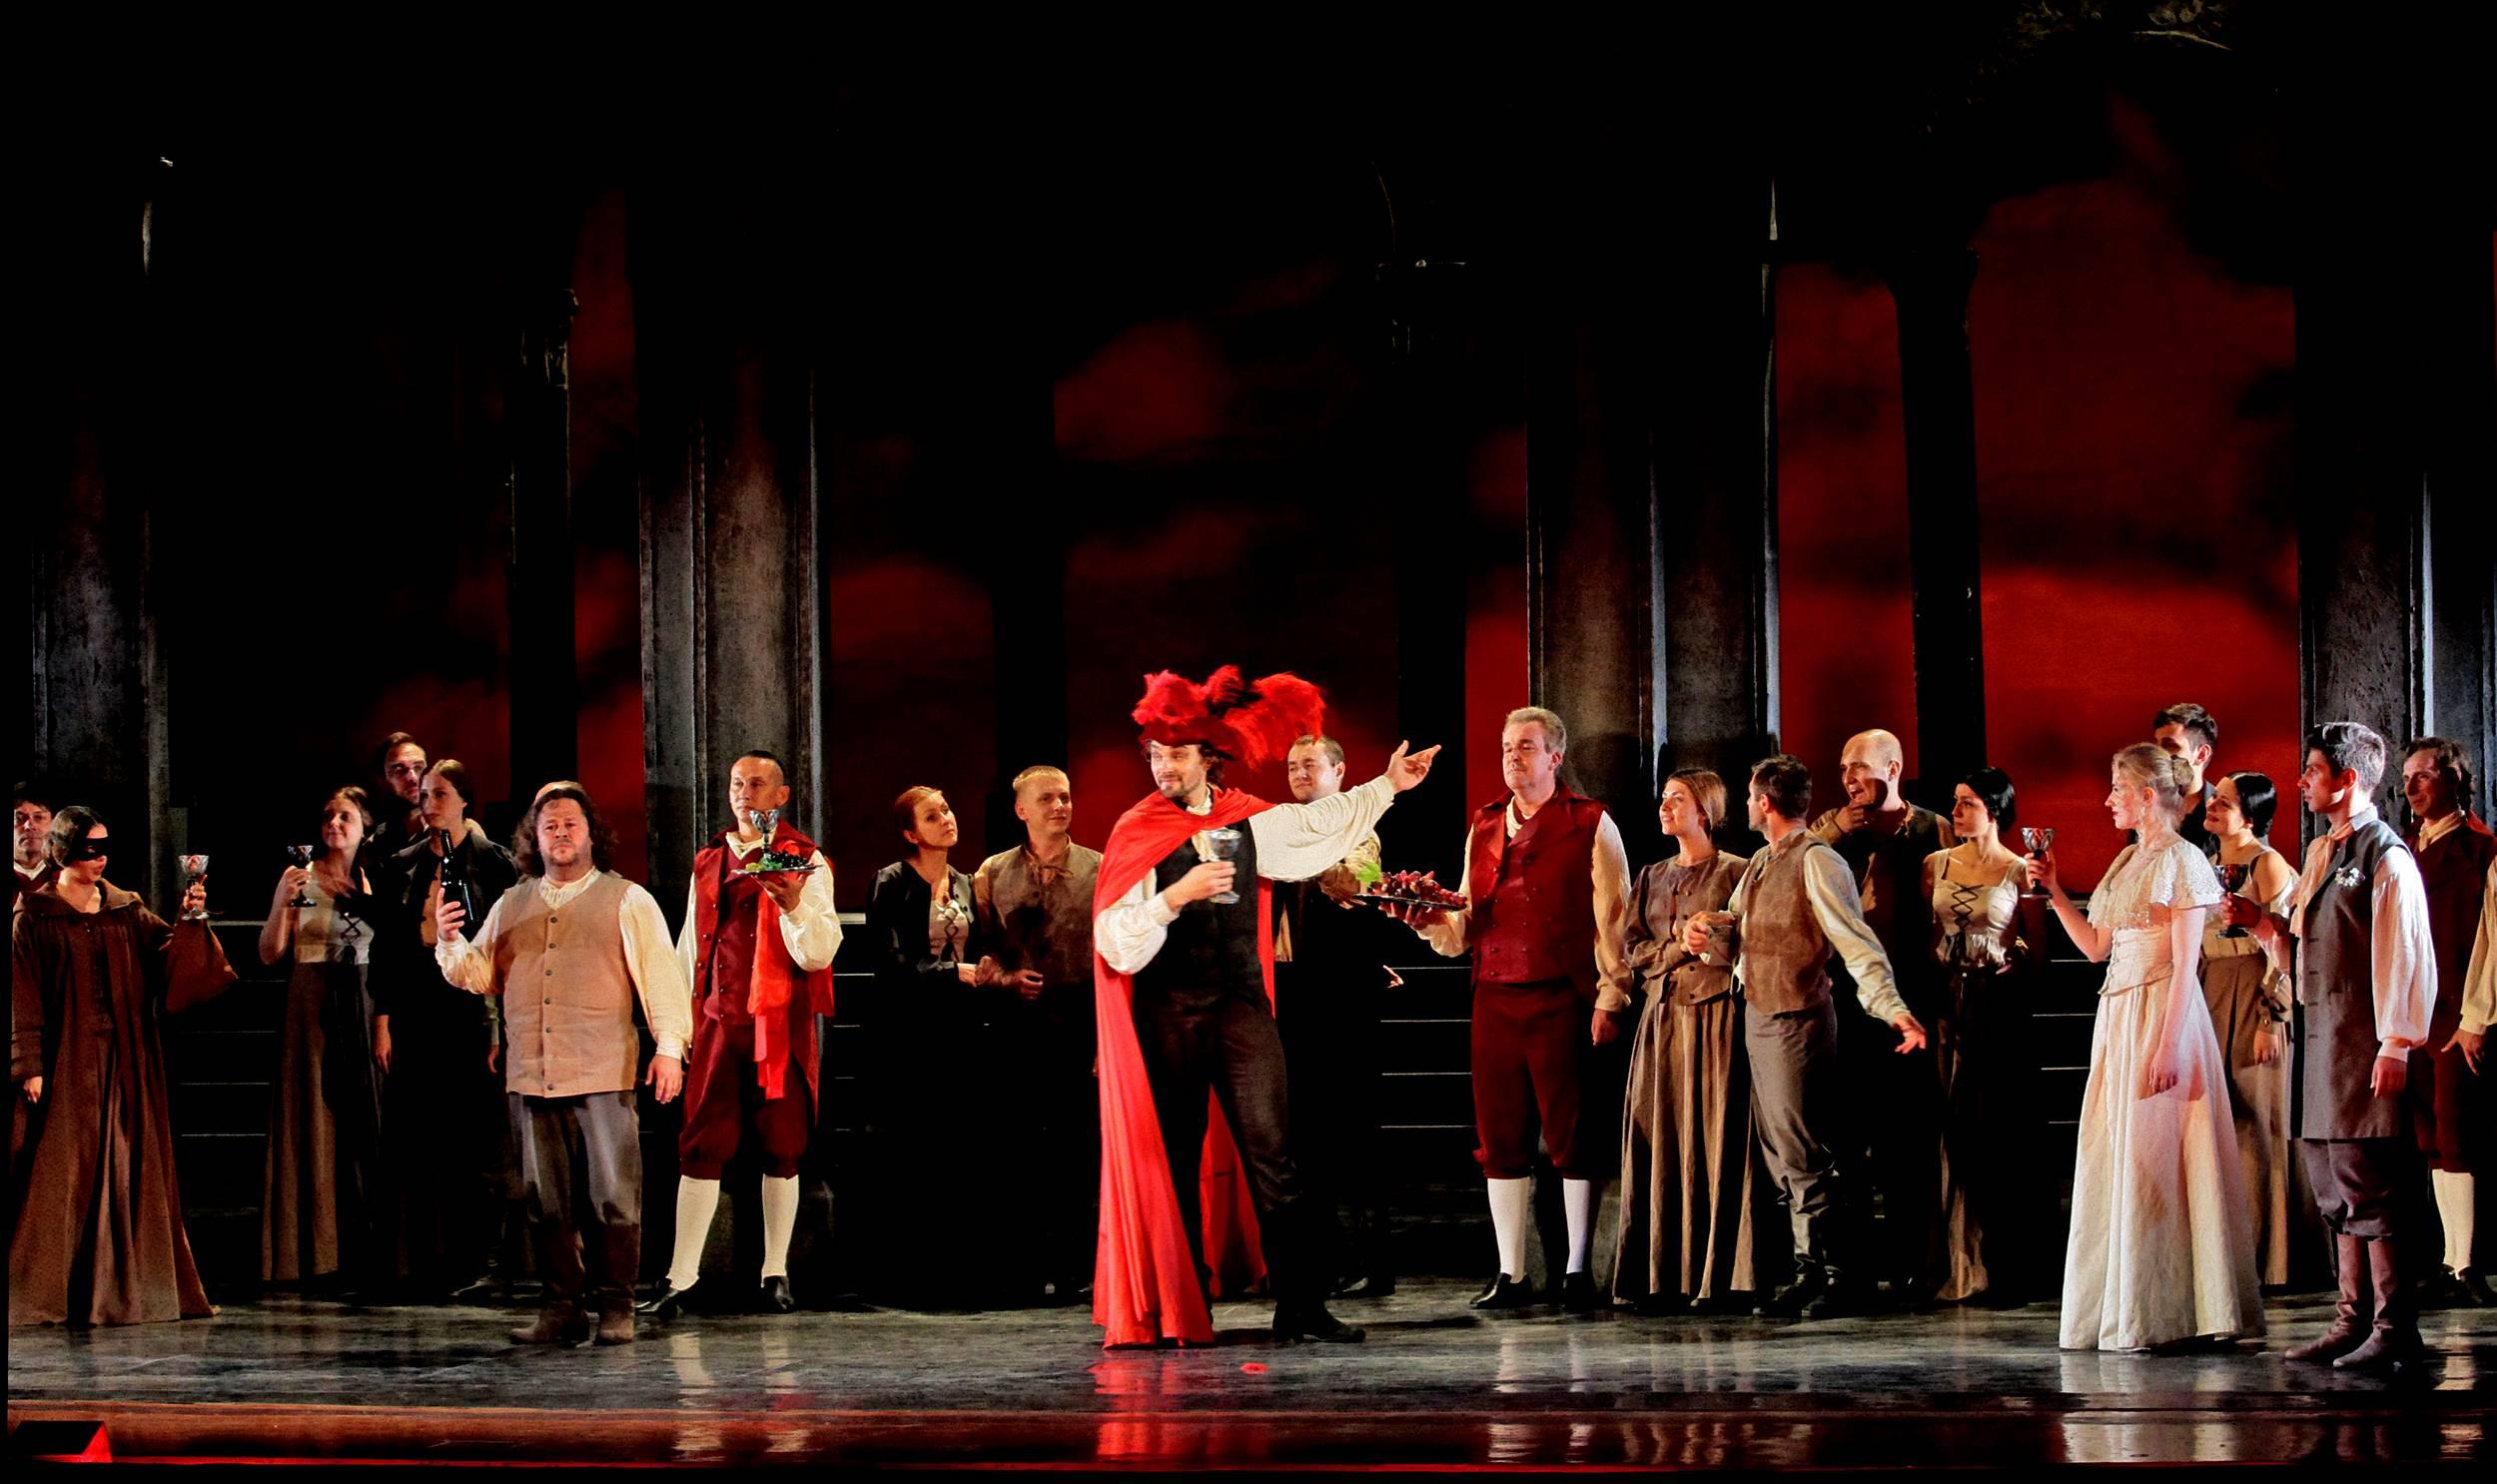 Стоячей овацией завершился совместный концерт «геликон-оперы» и oper am rein в дюссельдорфе